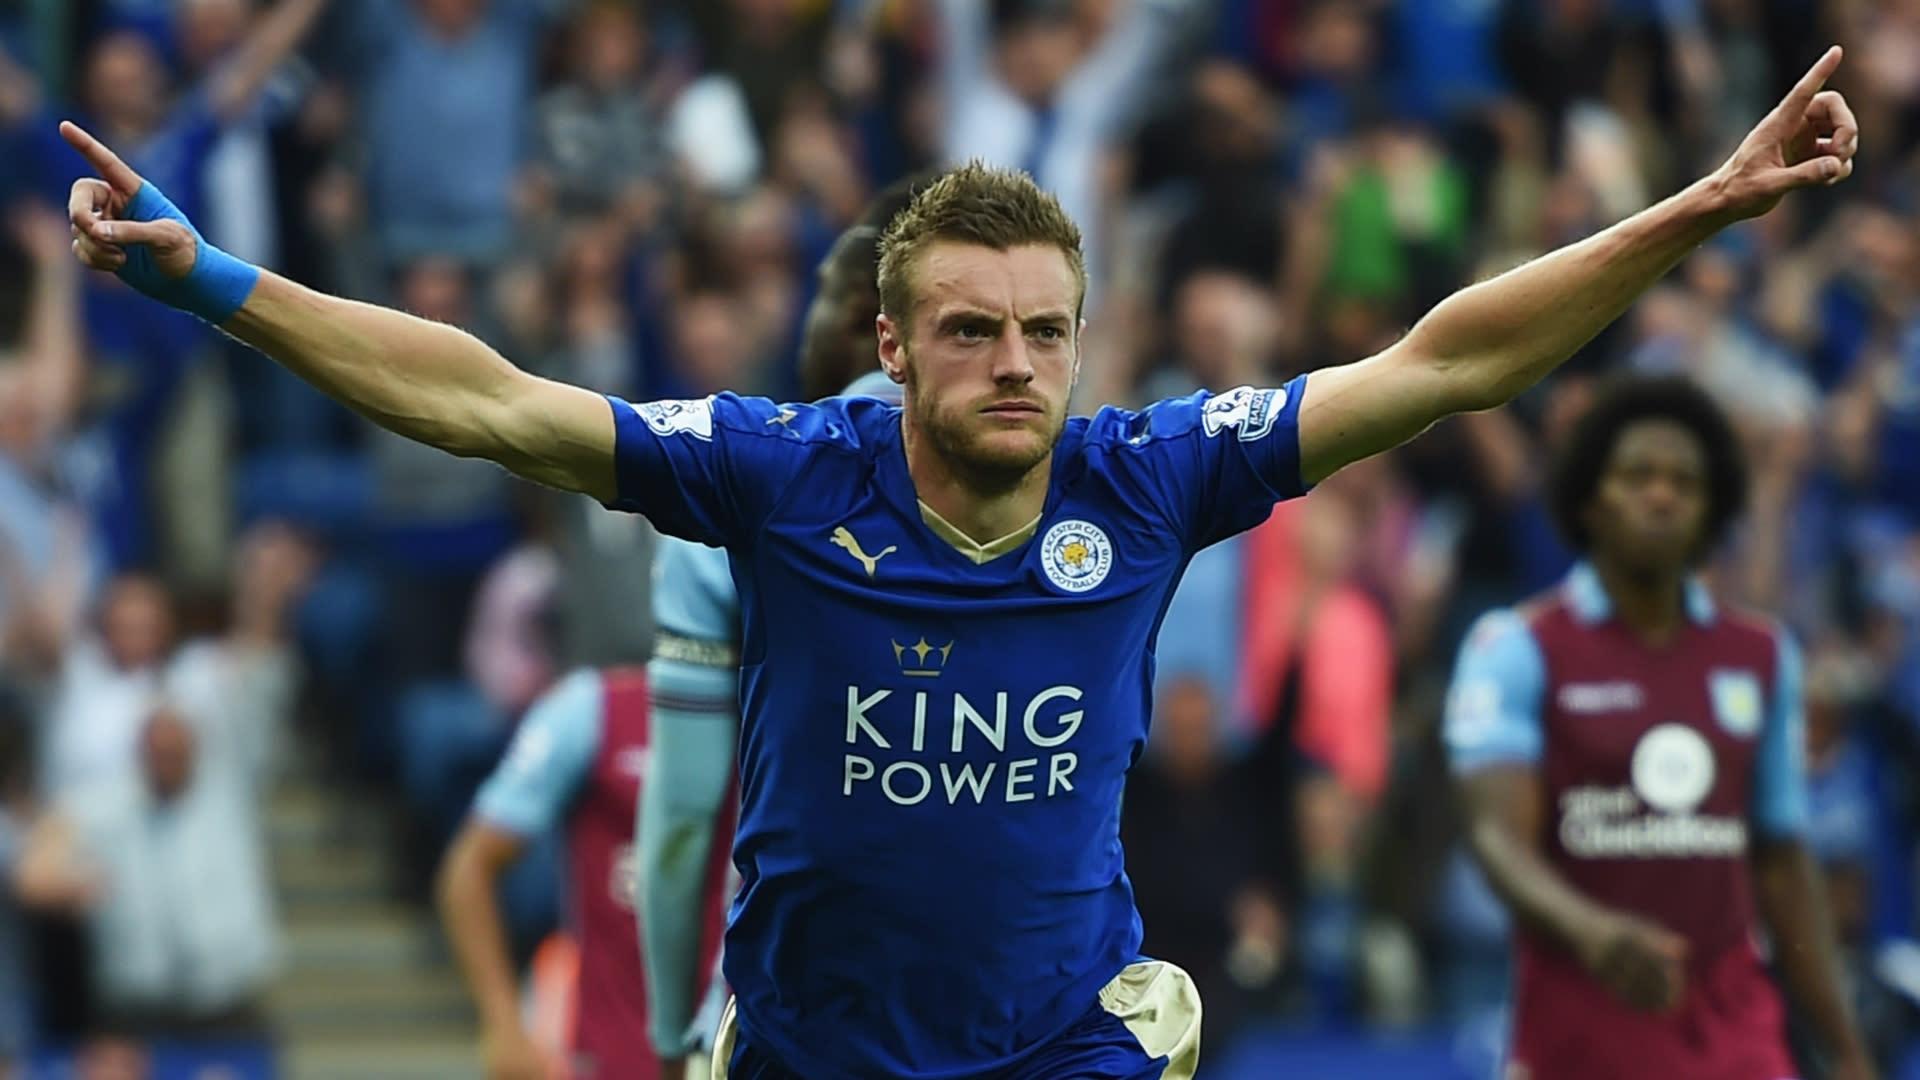 Southampton Vs Leicester City Hotshots Vardy And Pelle Set For Premier League Showdown